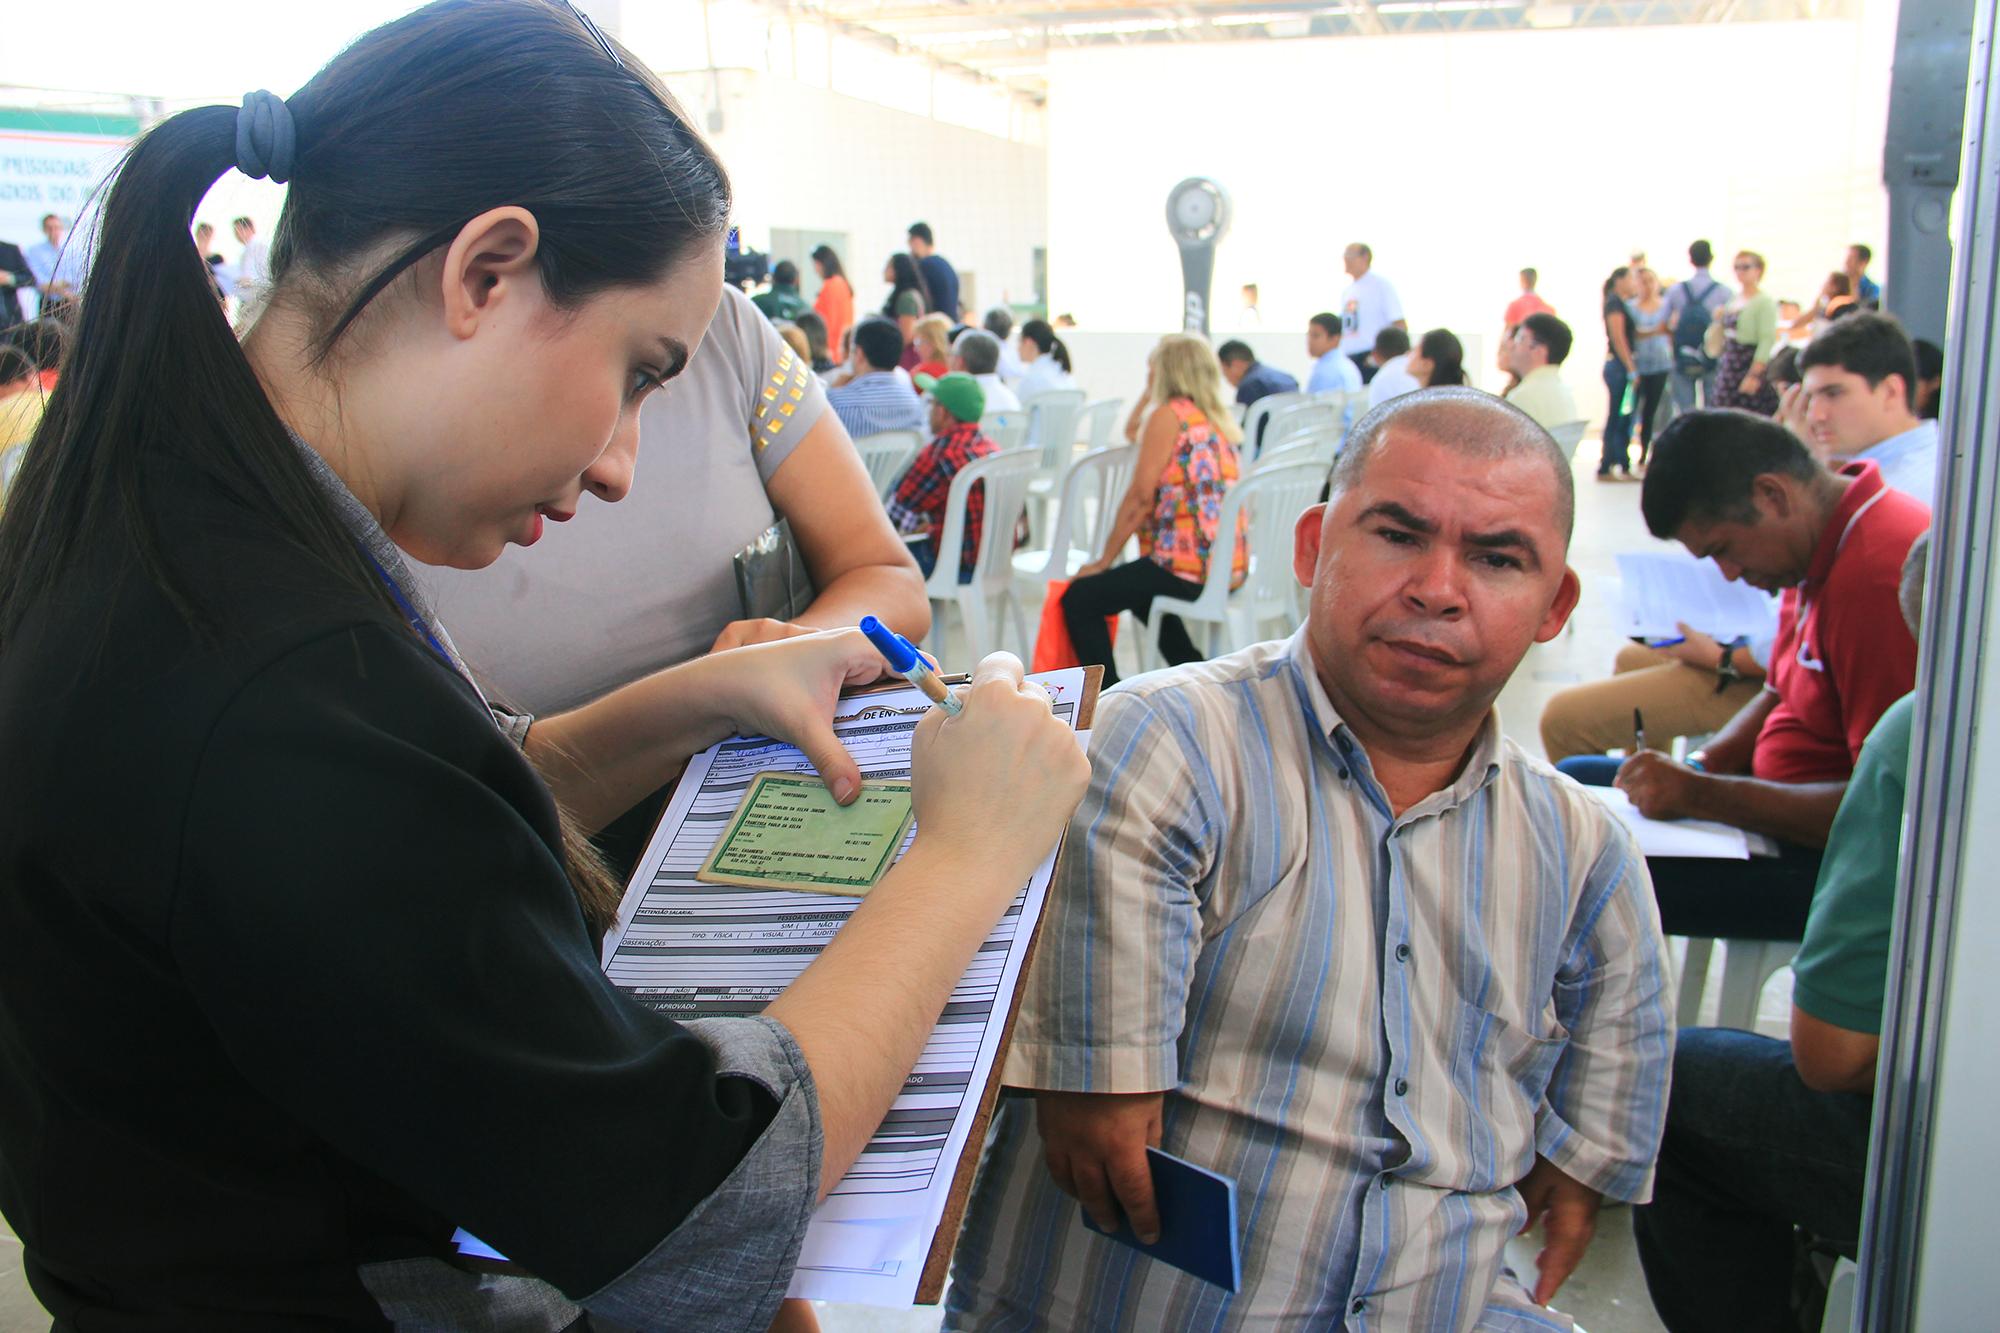 Na quarta matéria da série sobre o Dia Nacional de Luta da Pessoa com Deficiência, celebrado hoje (21), apresentamos histórias e ações de inclusão no mercado de trabalho